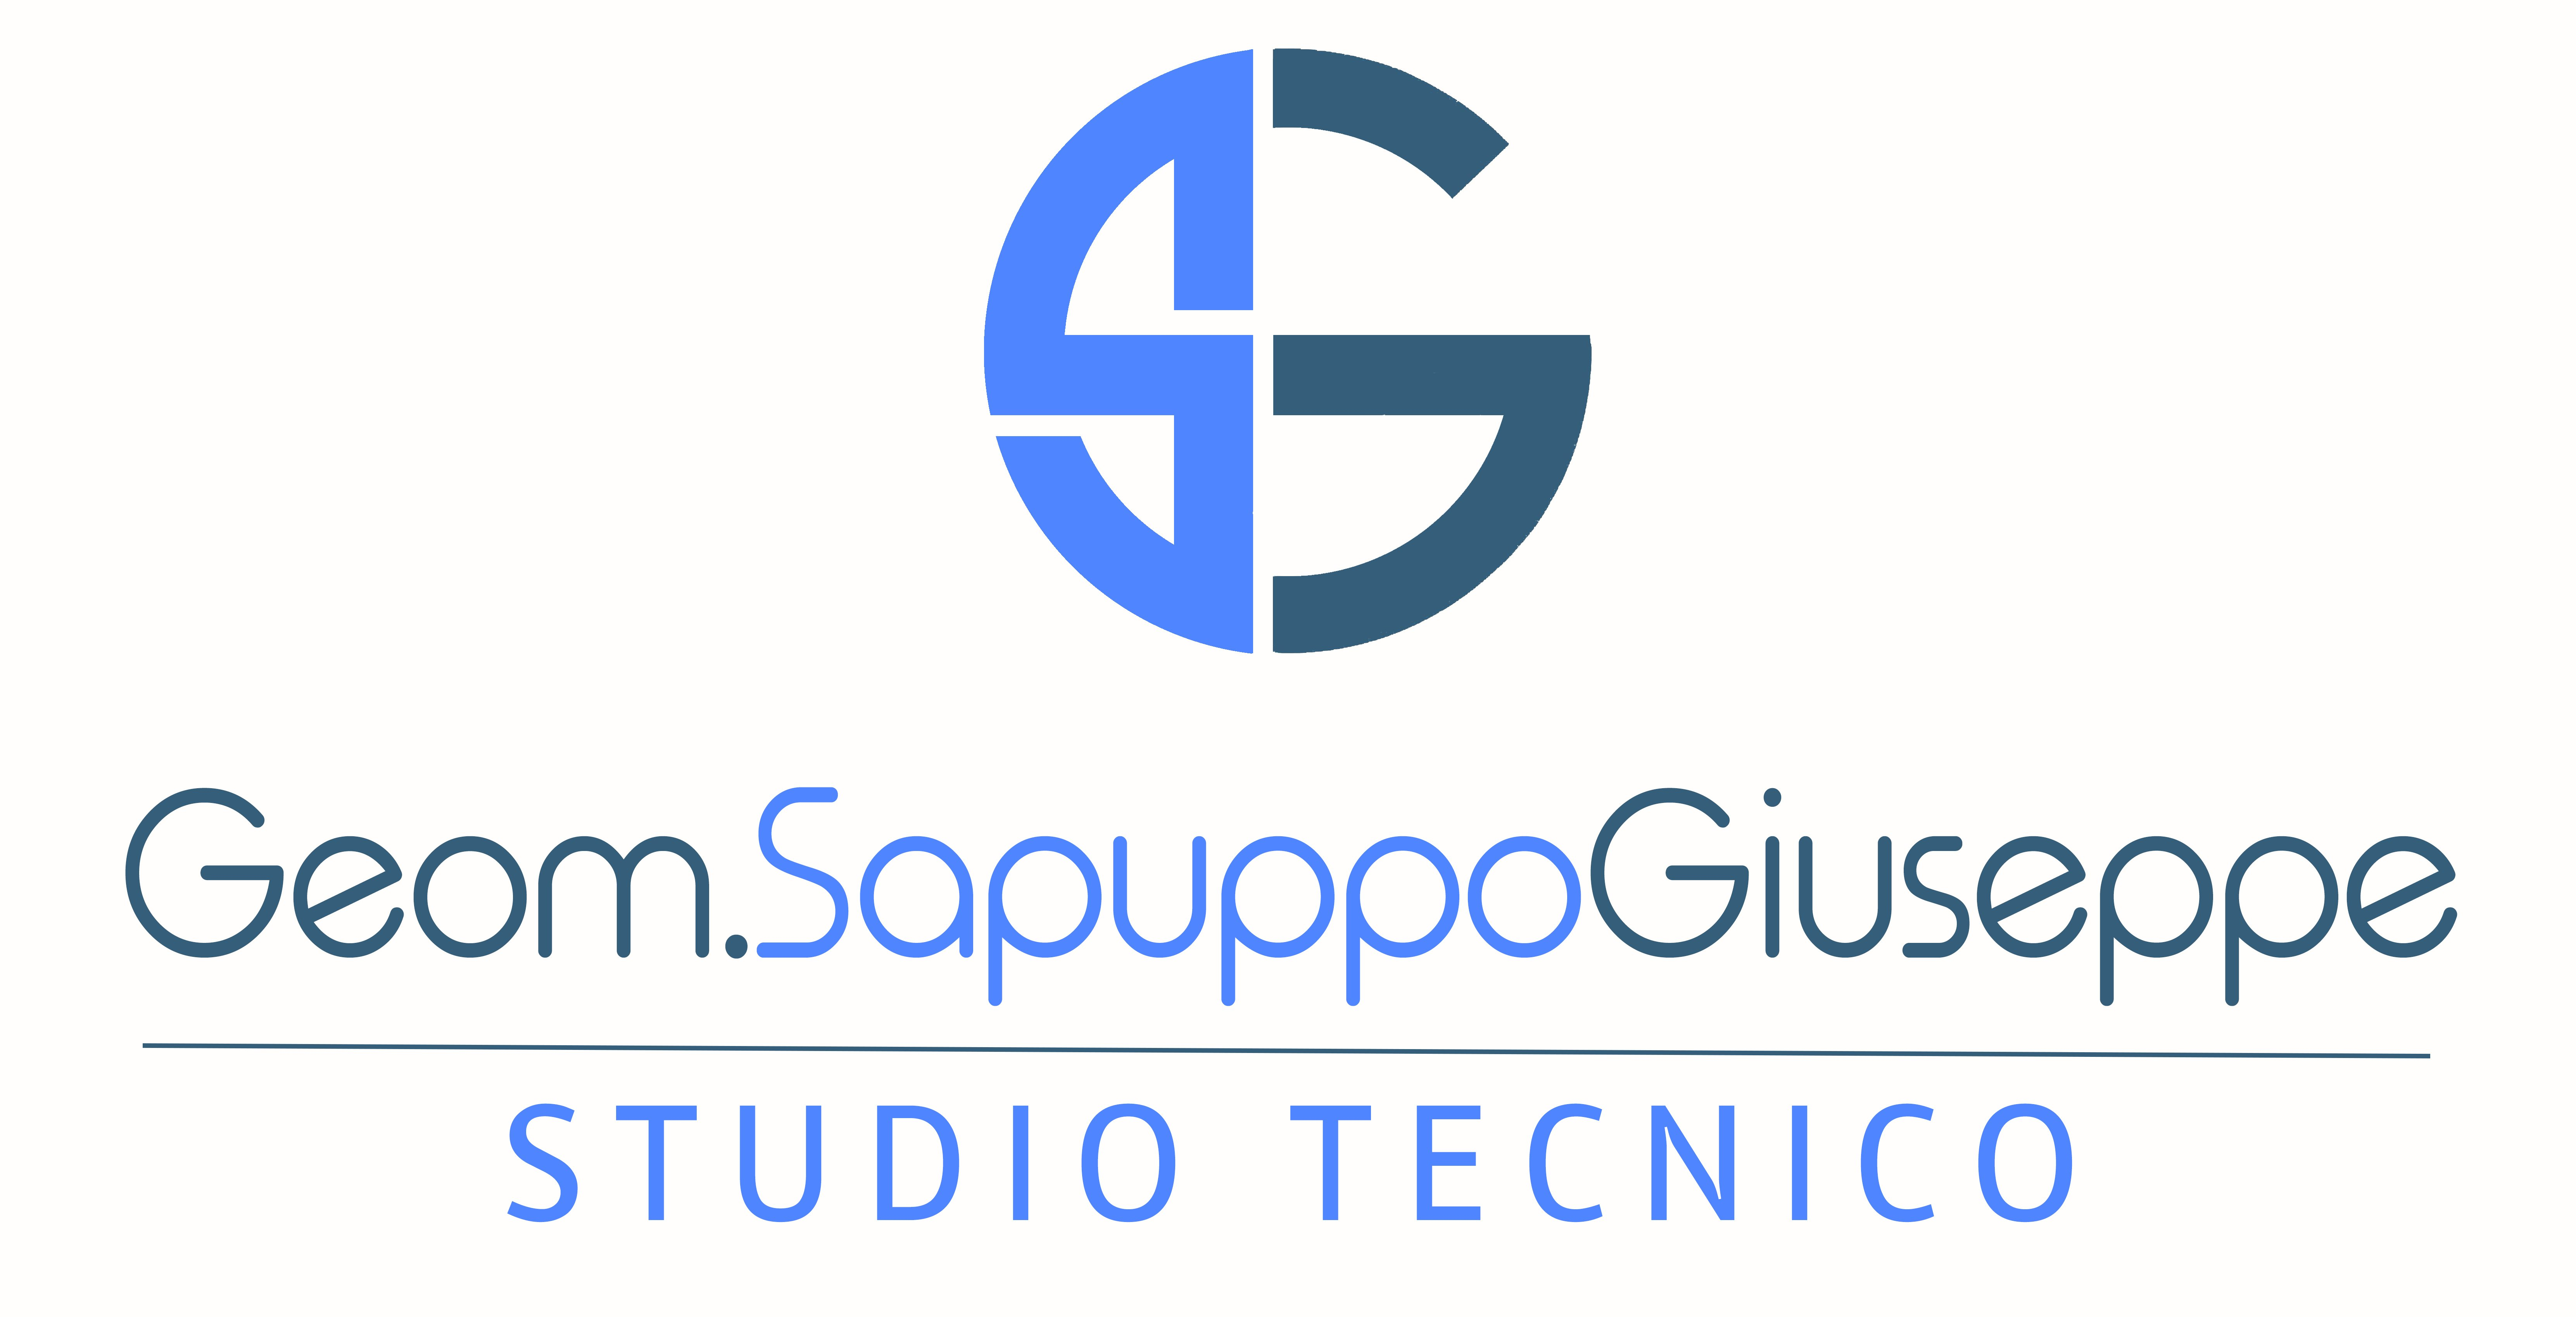 geom, sapuppo giuseppe logo